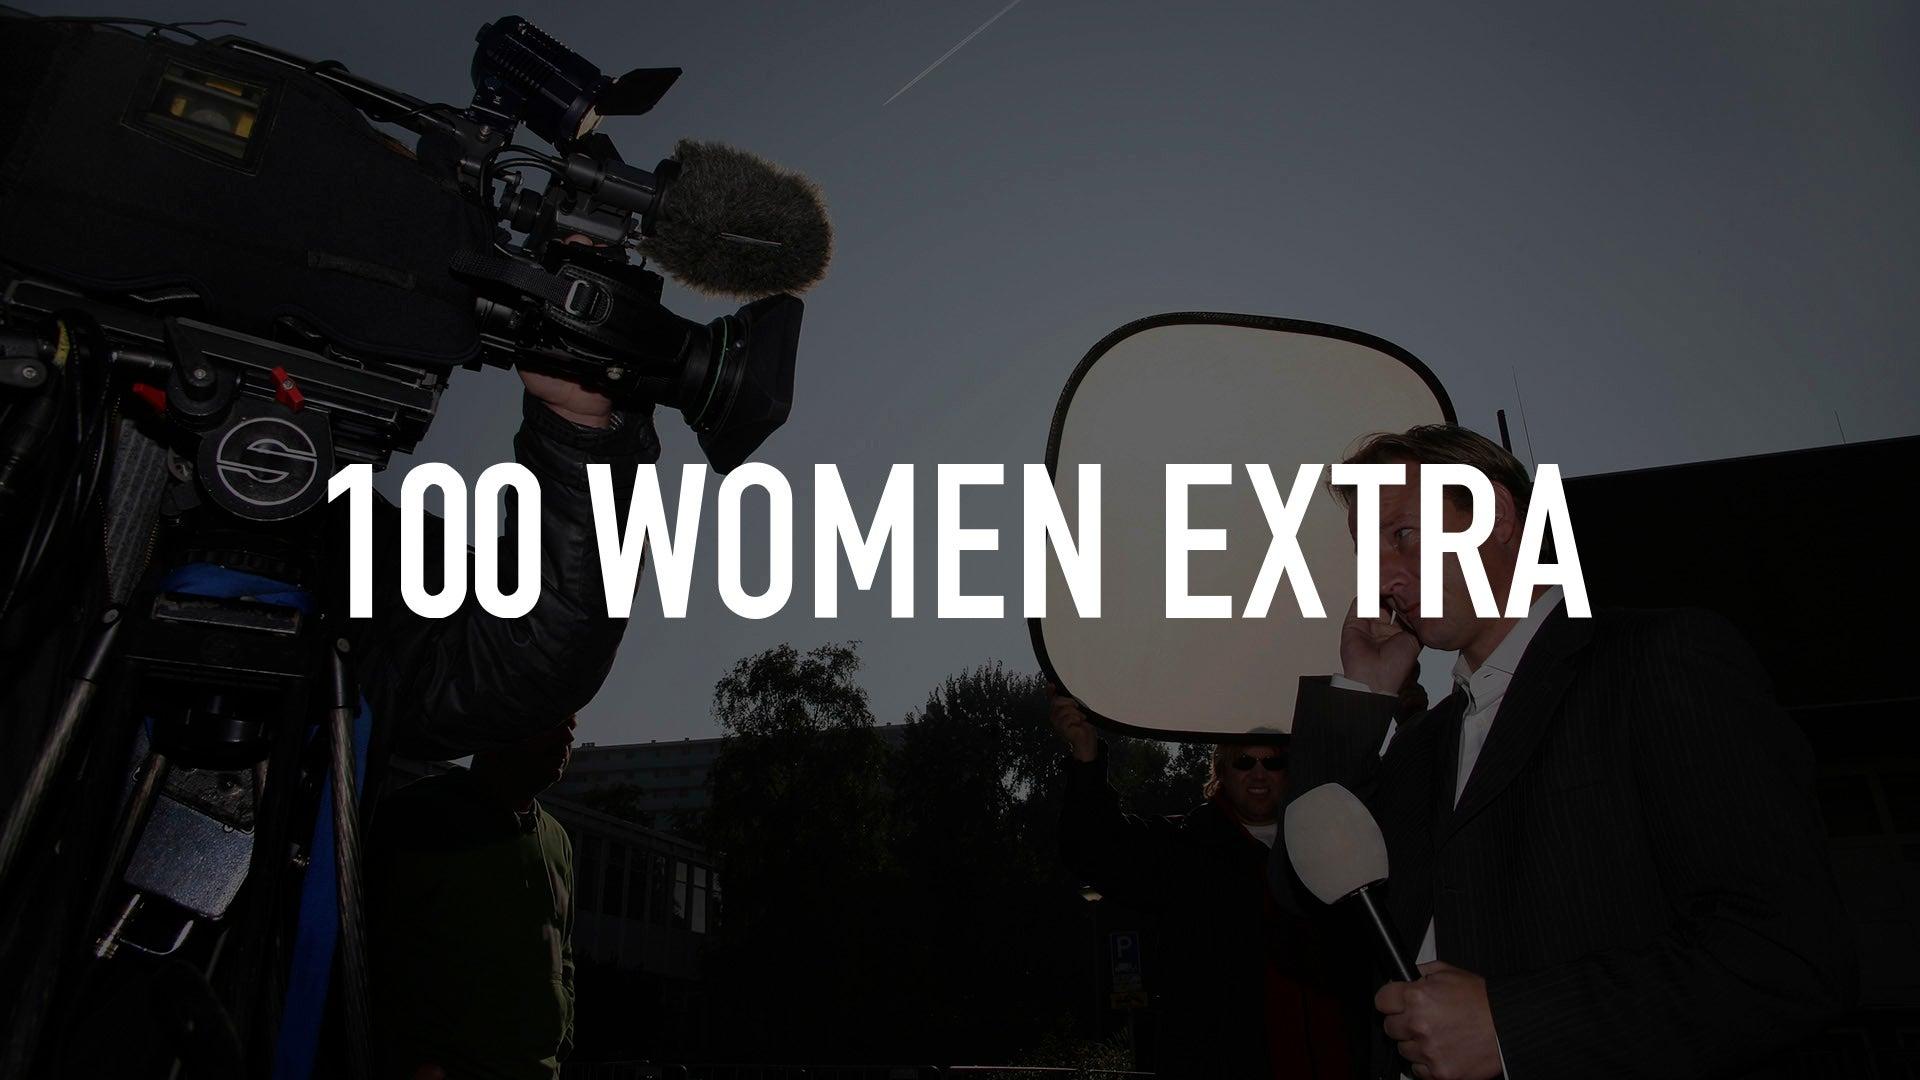 100 Women Extra